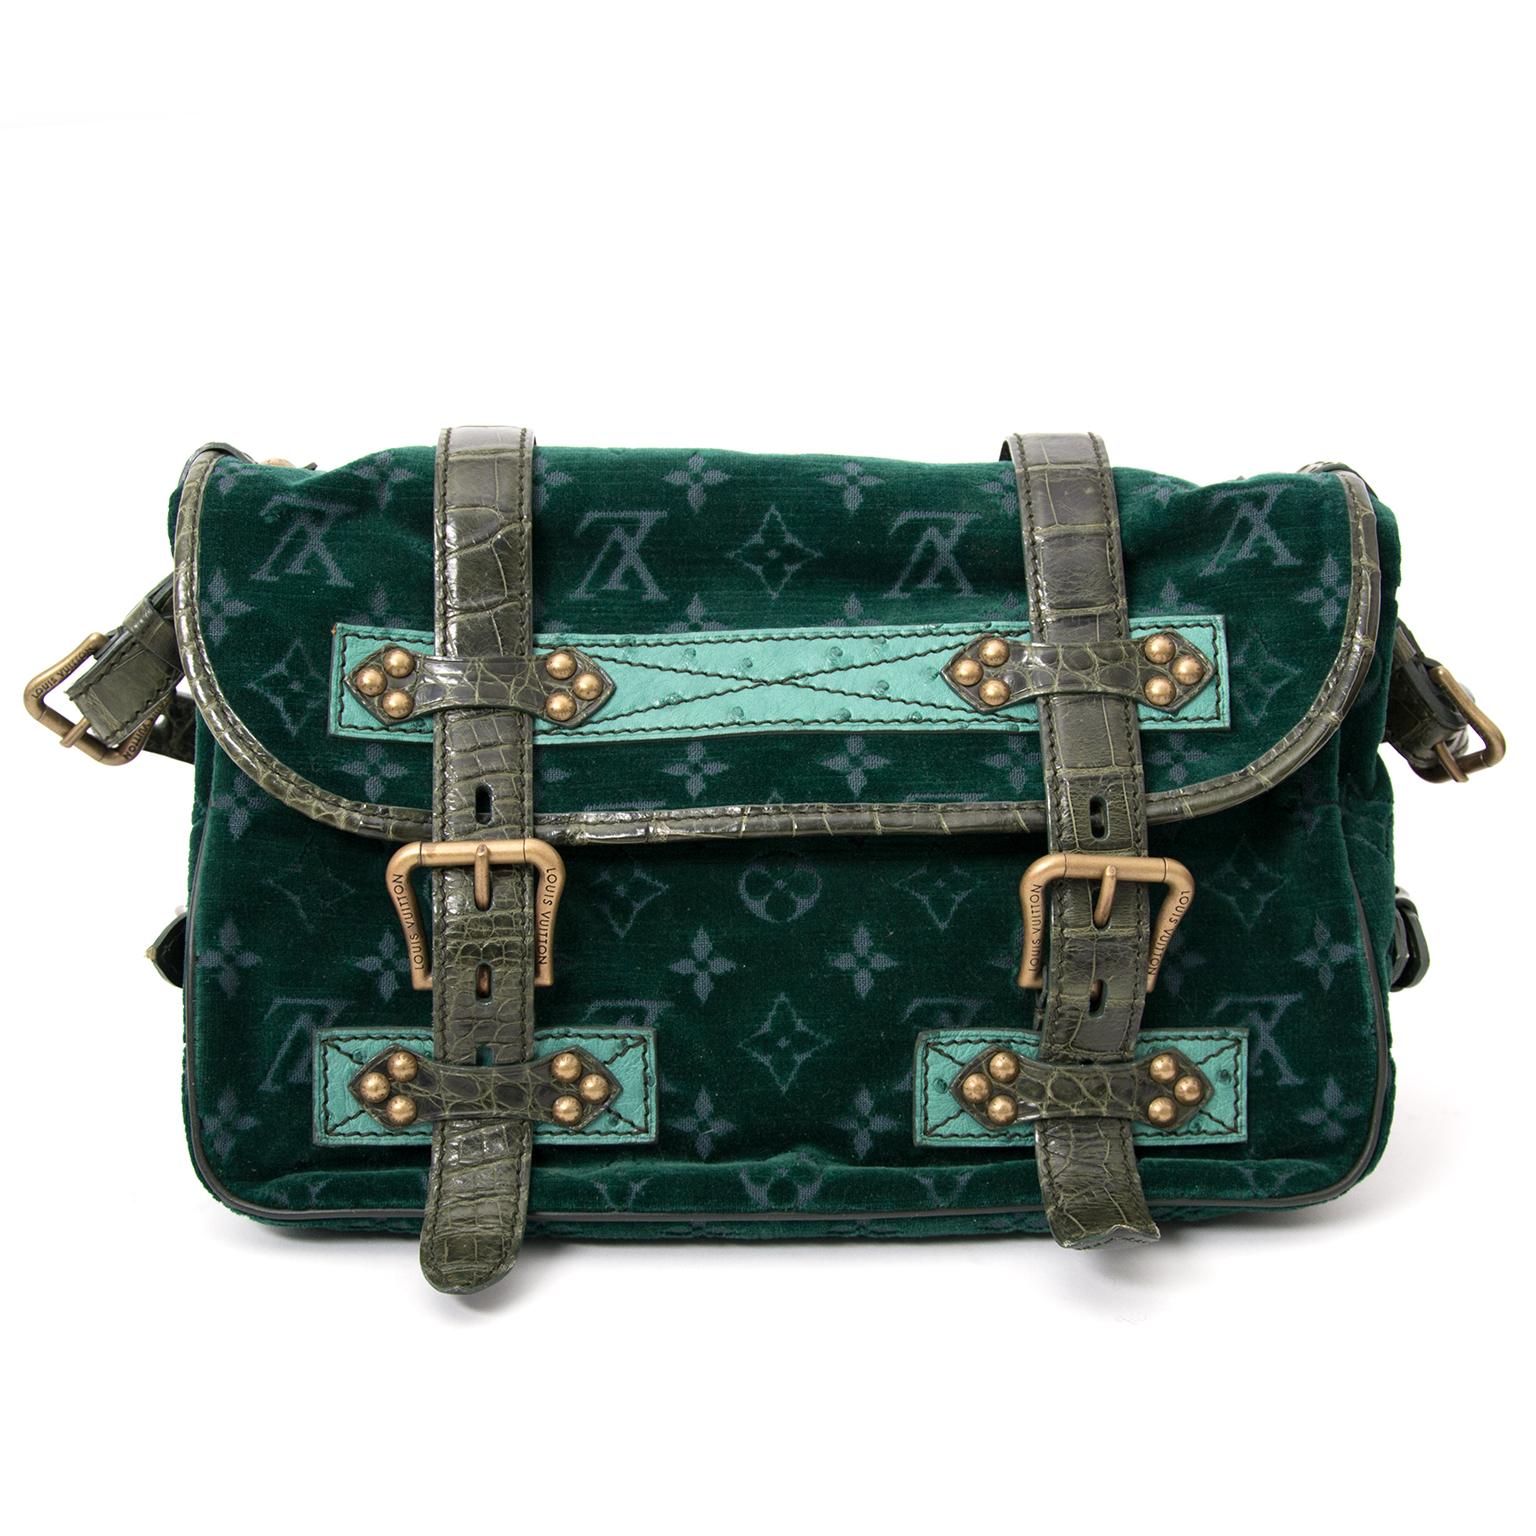 acheter enligne pour le meilleur prix Louis Vuitton Limited Edition Green Monogram Velour Clyde Mon Bag